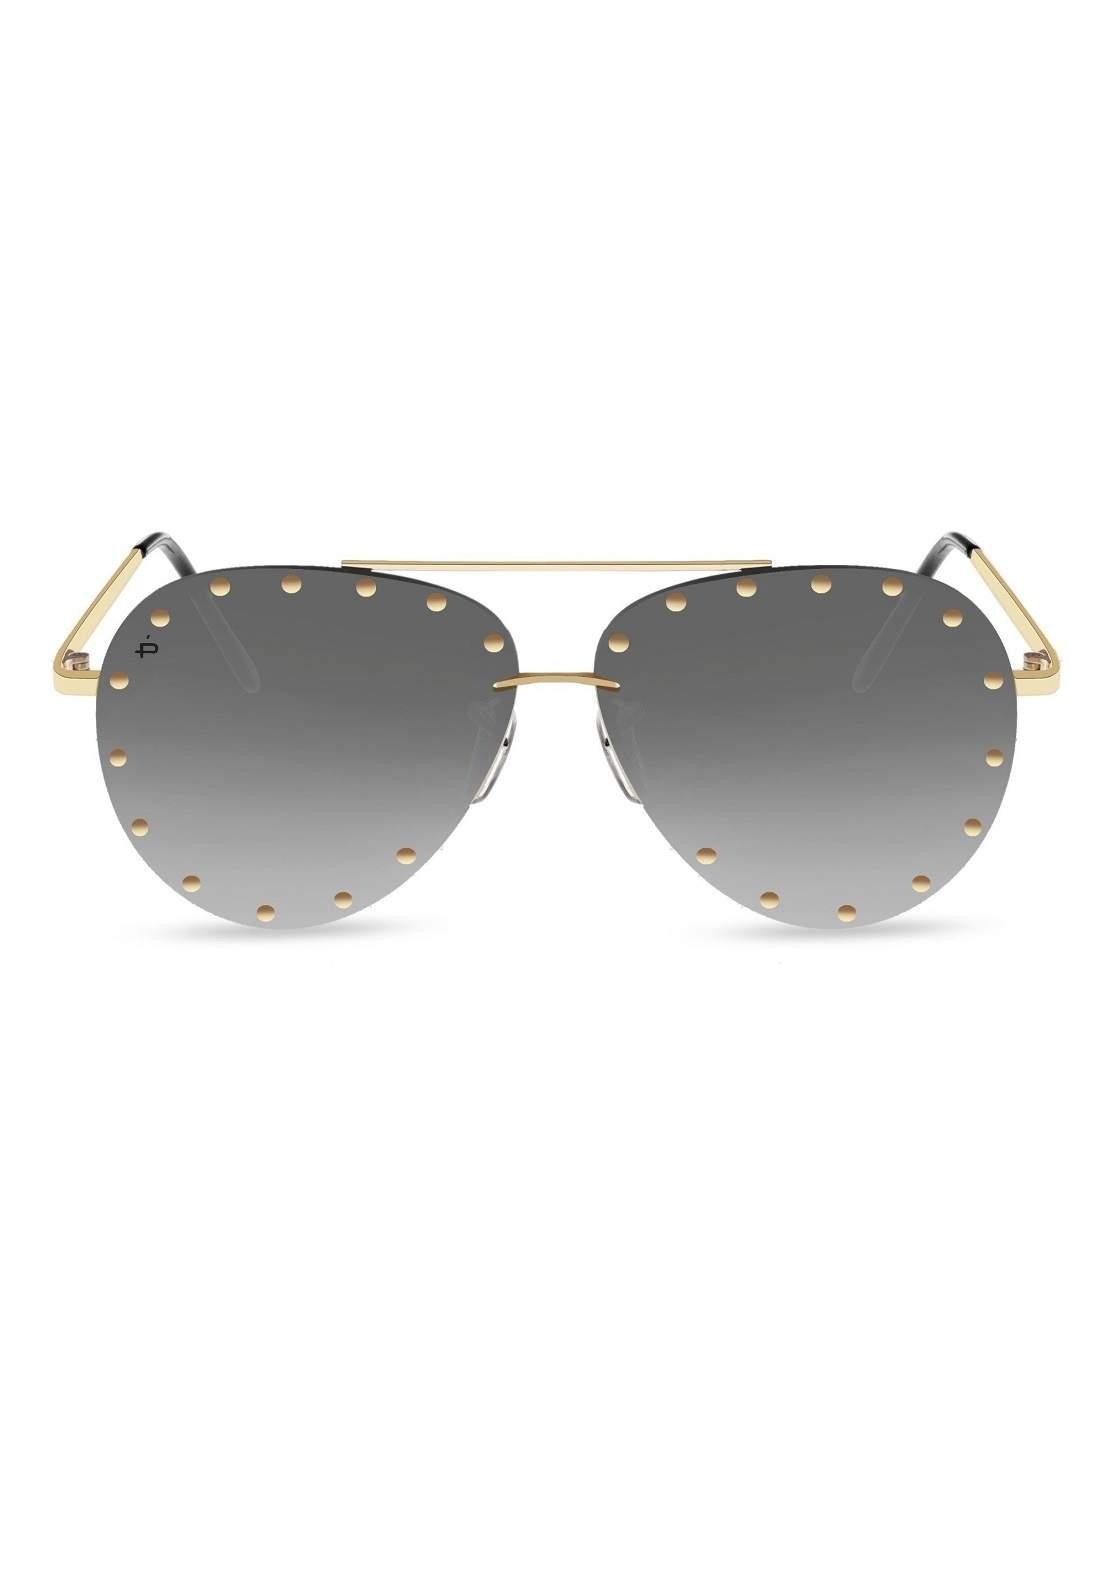 اسود اللون  Prive Revaux The Sixthman نظارات شمسية نسائية من